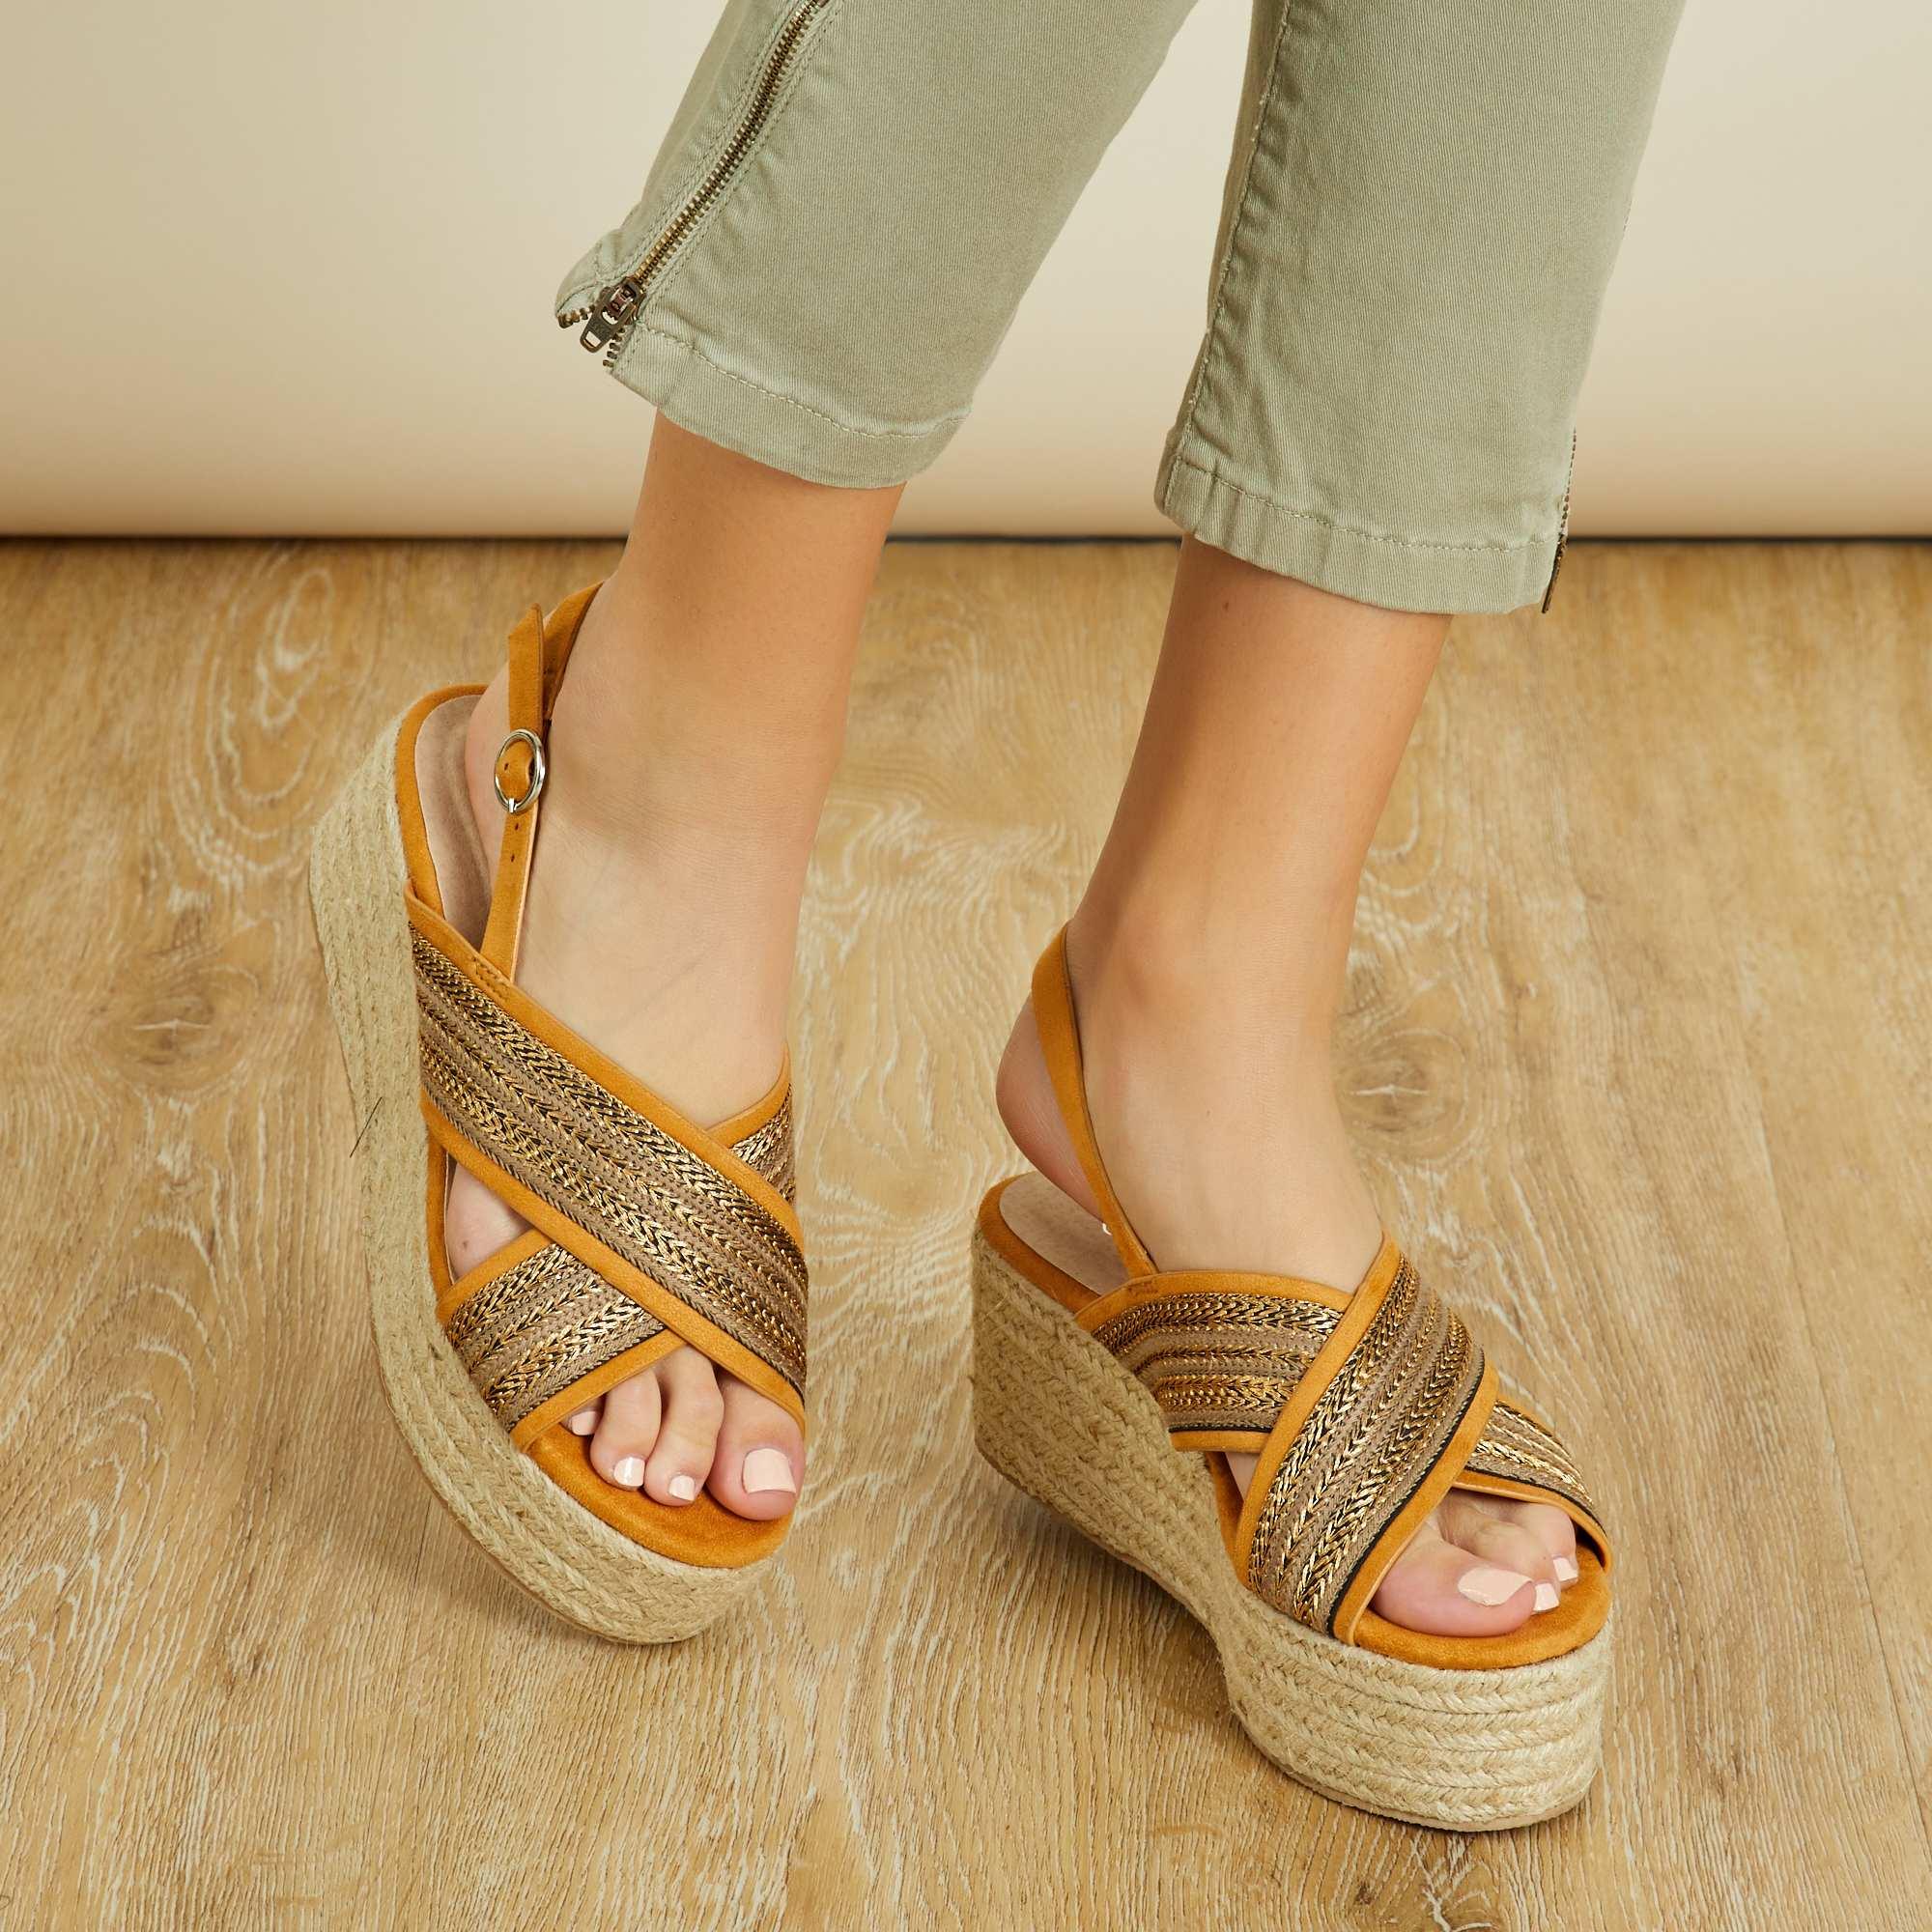 Sandalias con plataforma Mujer - camello - Kiabi - 24,00€